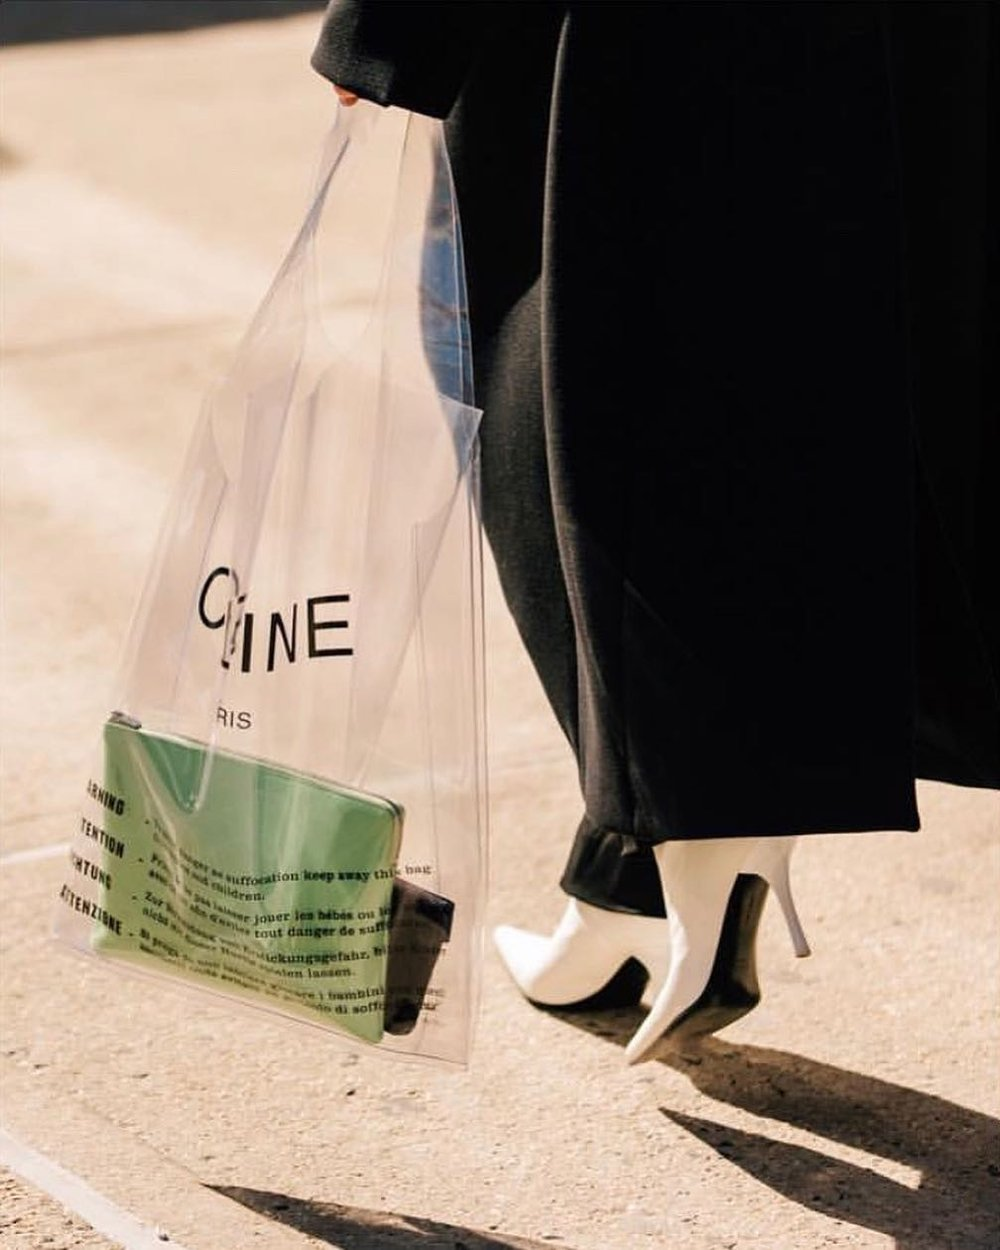 CELINE PLASTIC BAG WITH ZIP POUCH AND WALLET   PH: DANROBERTSSTUDIO